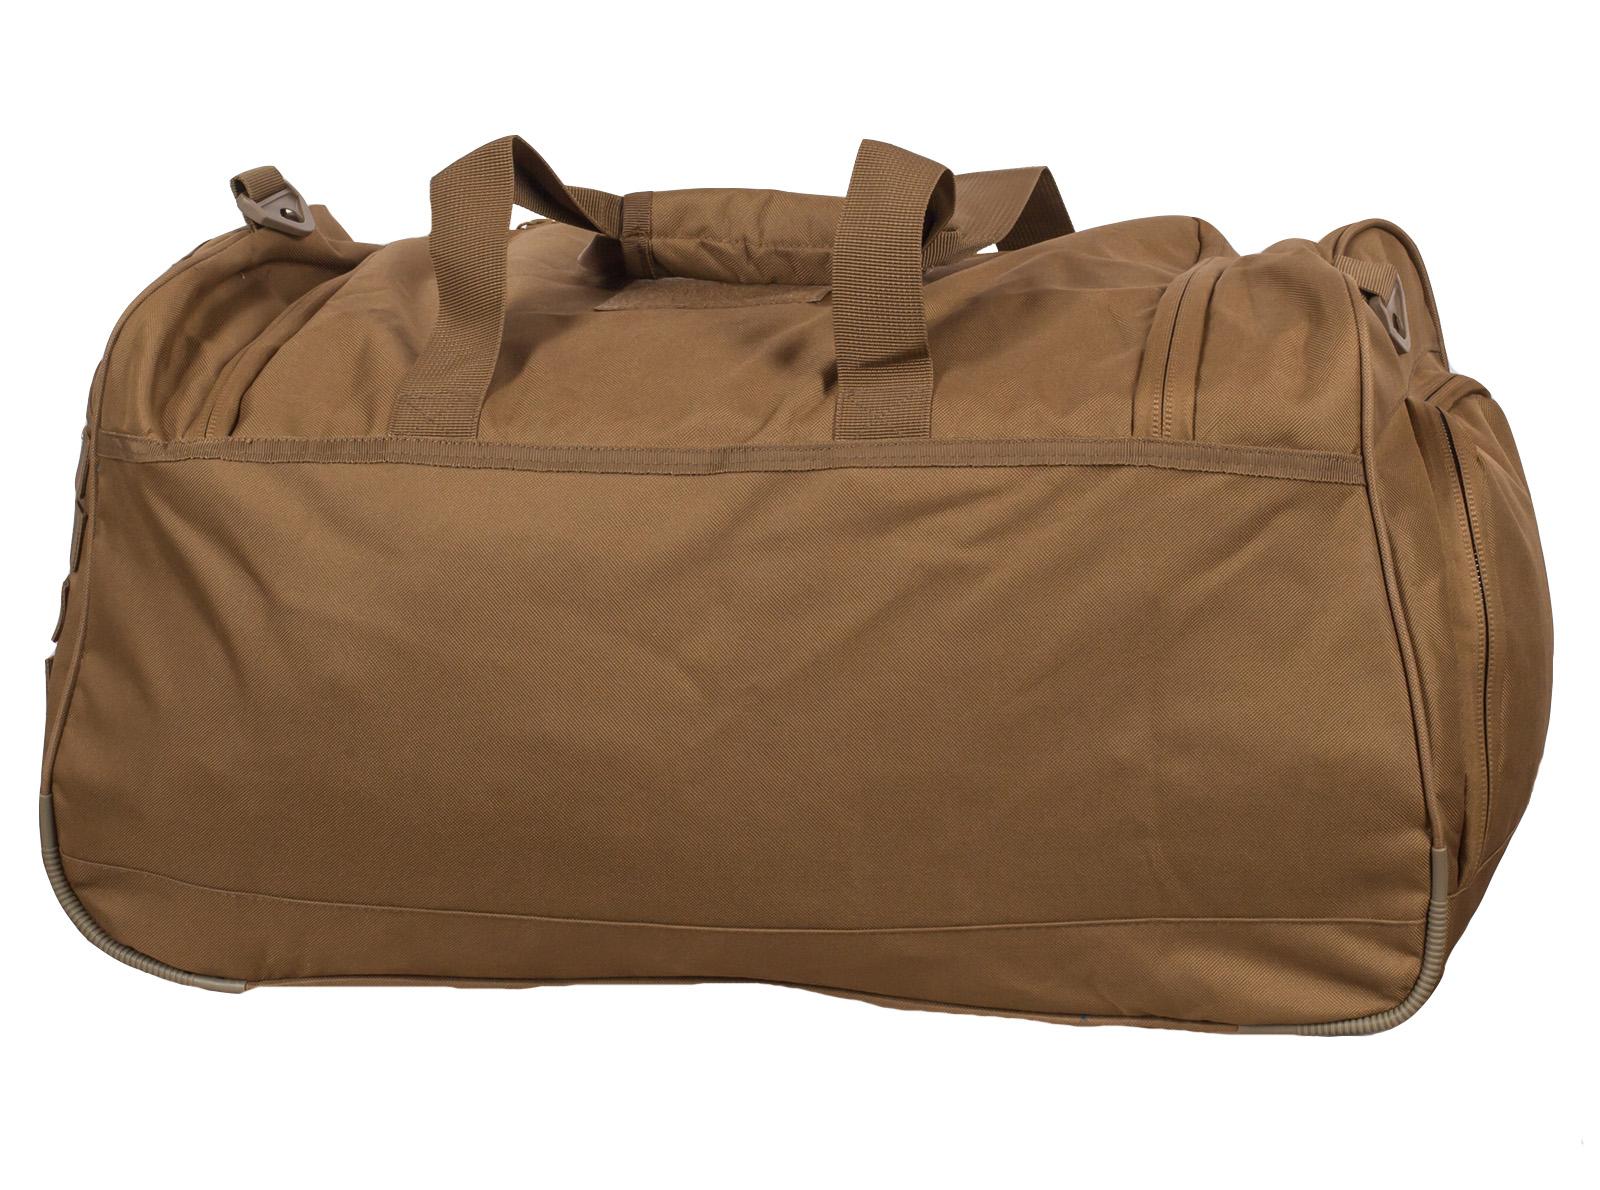 Вместительная дорожная сумка 08032B Coyote Русская Охота - заказать с доставкой